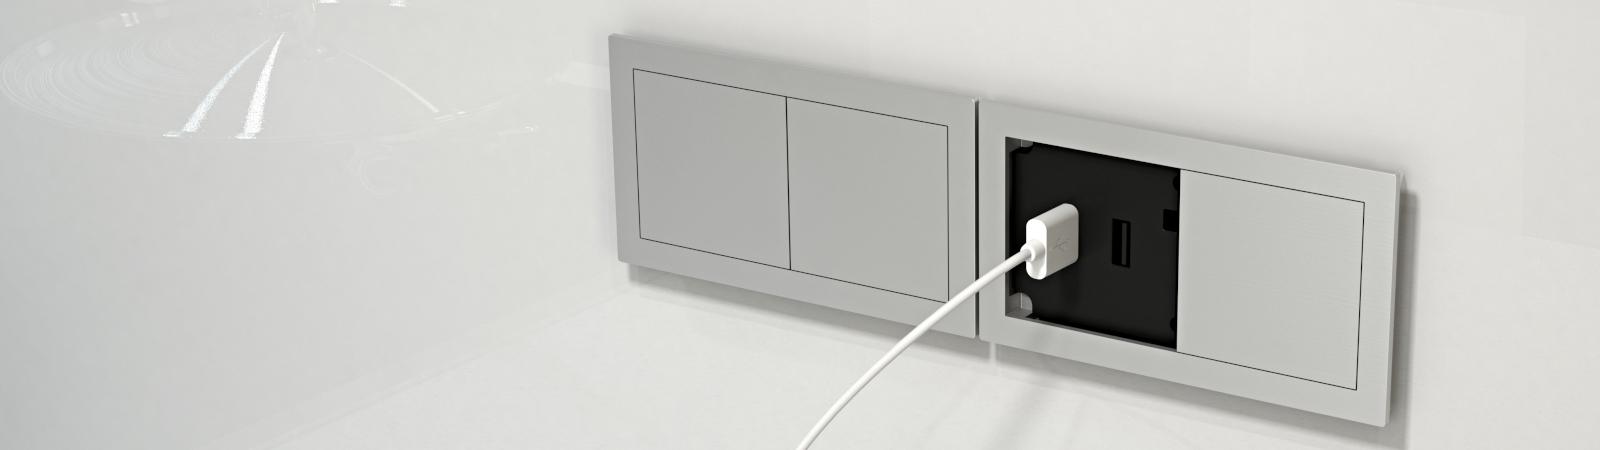 V-Hit Power Modules